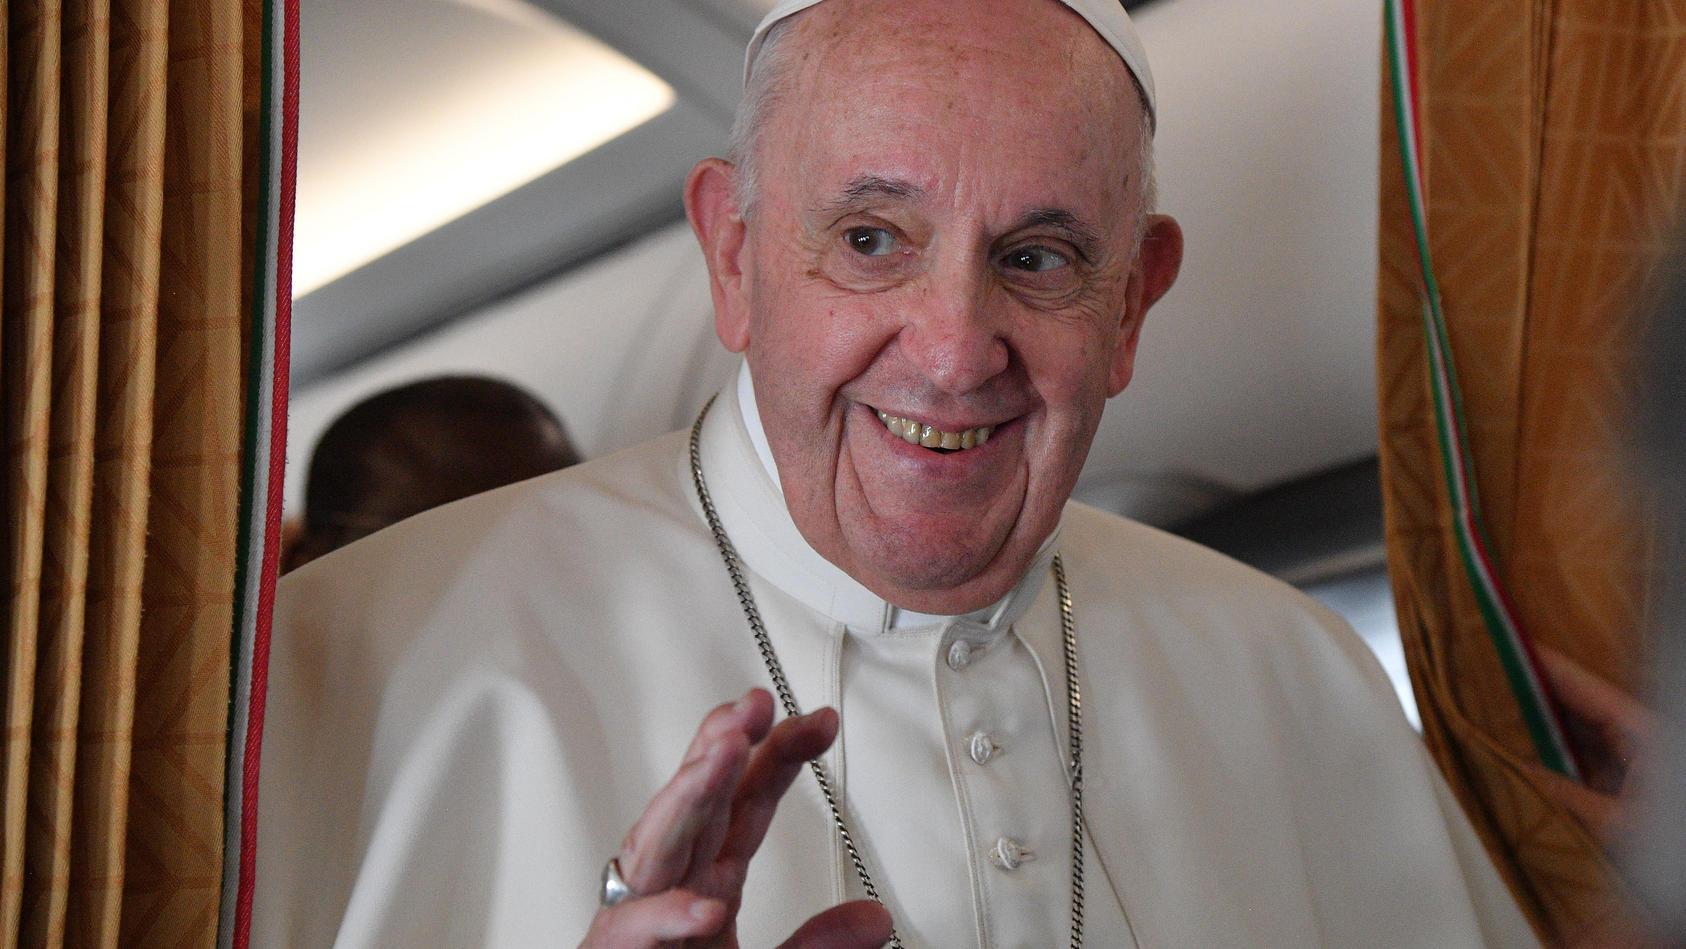 Papst Franziskus an Bord einer Alitalia Maschine auf dem Rückweg aus der Slowakei nach Rom